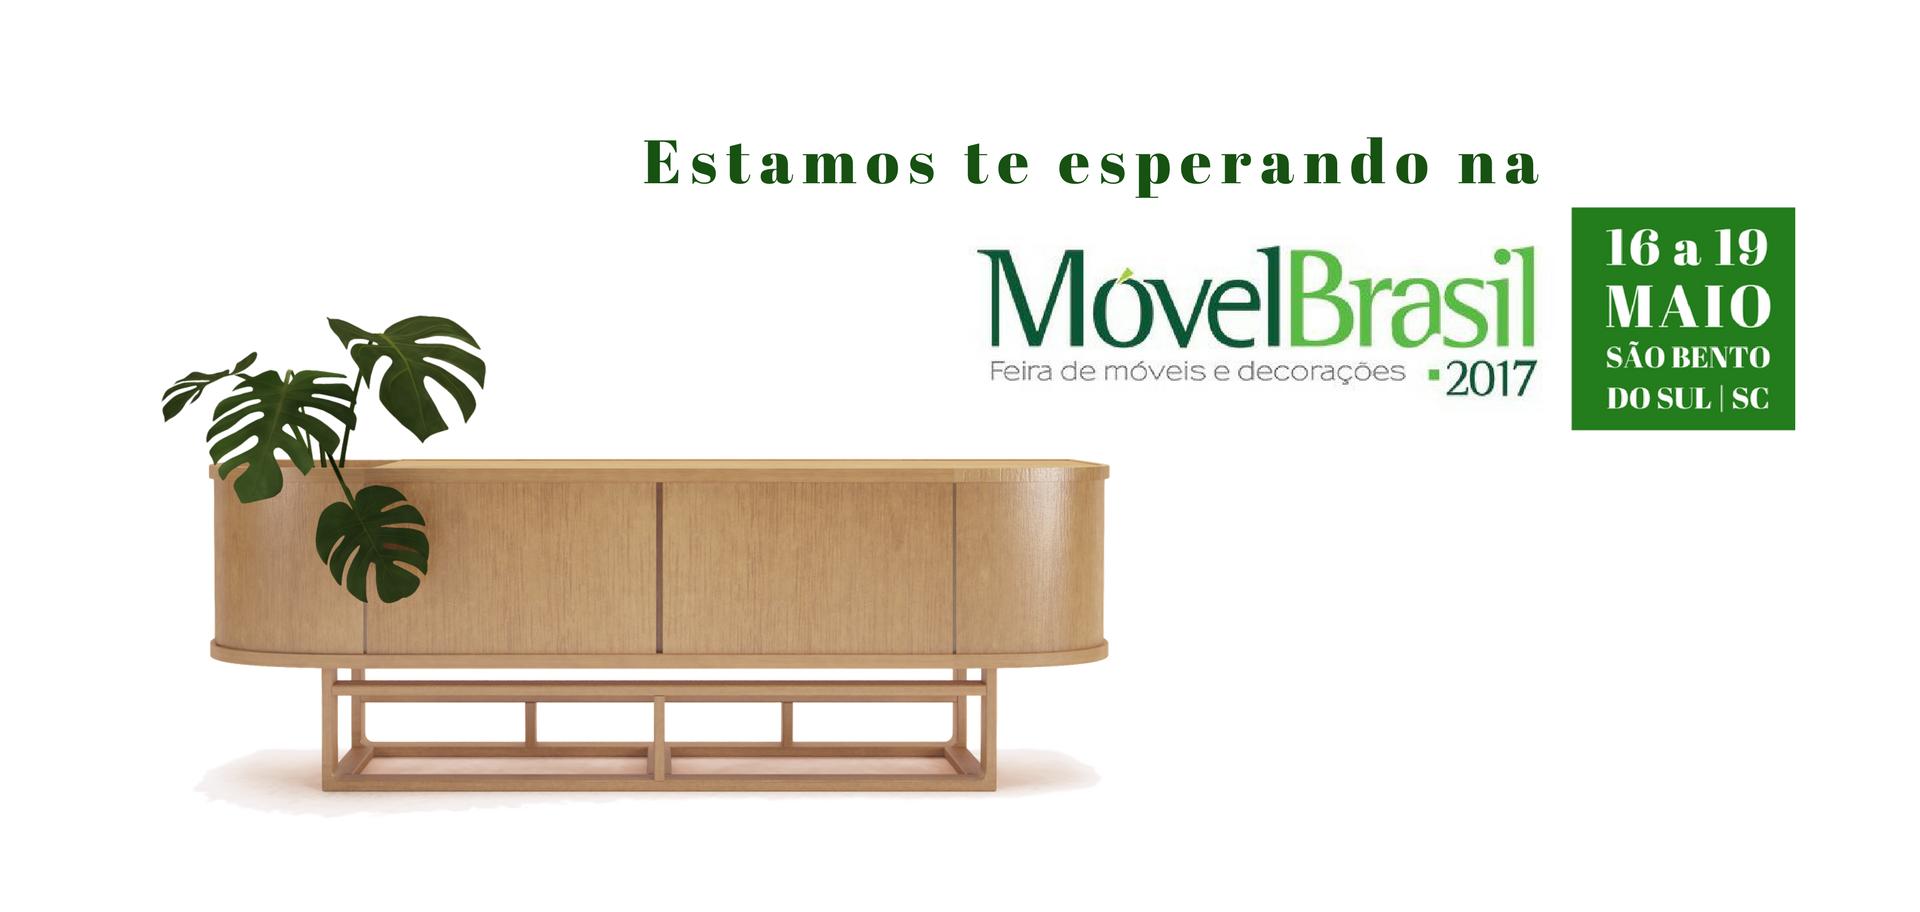 movel brasil 2017